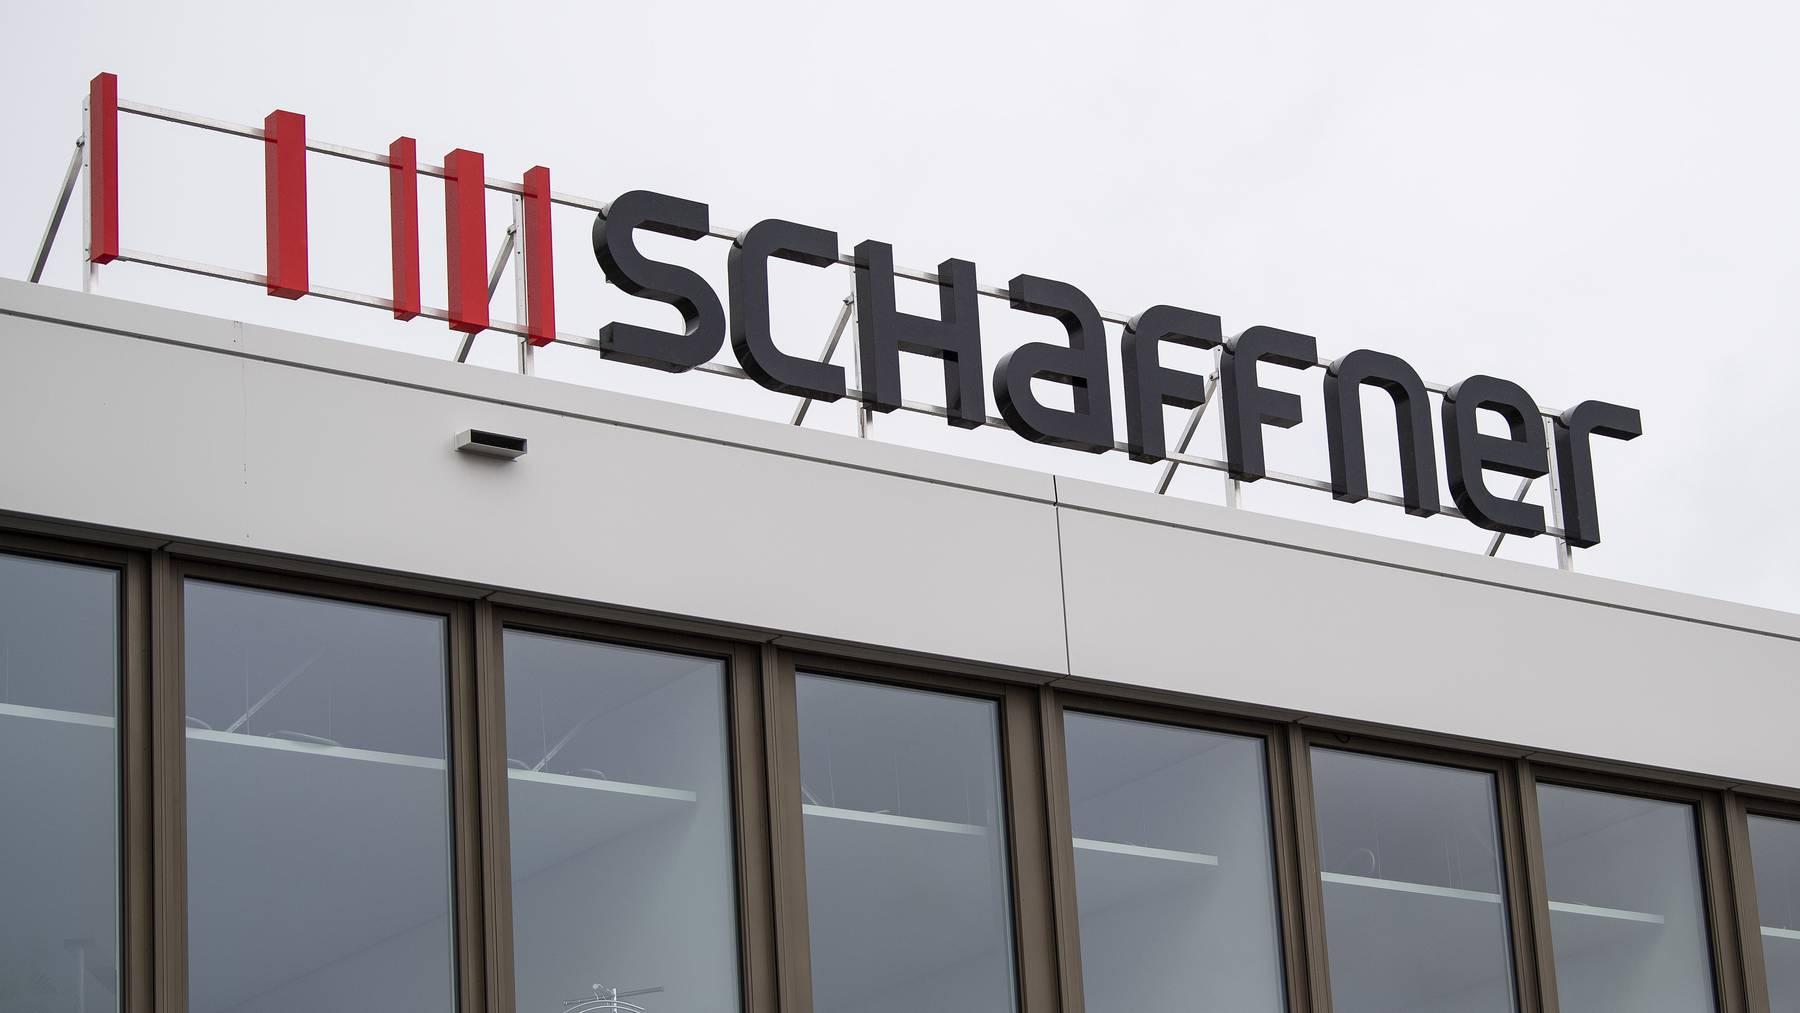 Behauptete sich in einem schwierigen Umfeld: Die Schaffner Gruppe mit Sitz im solothurnischen Luterbach.